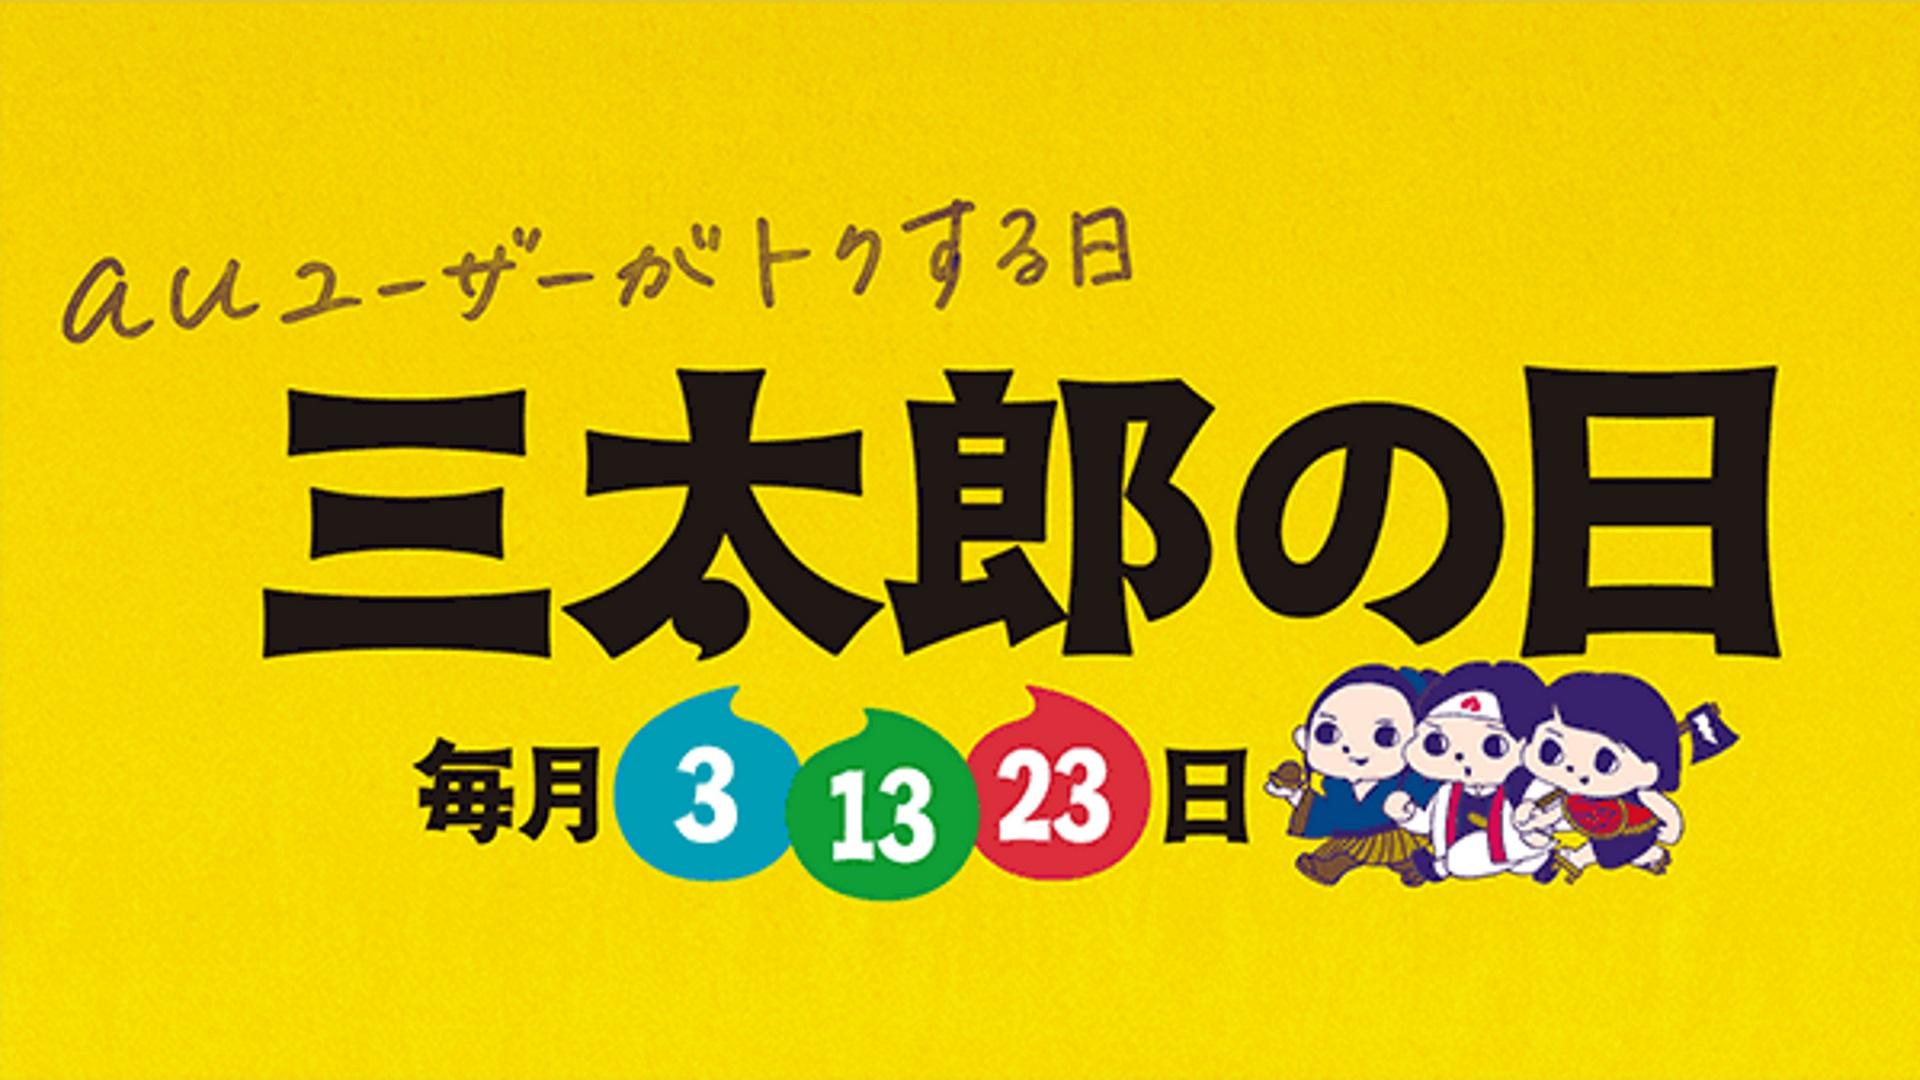 auユーザー限定、ミスタードーナツが2個無料となるクーポン配布中【8月23日】